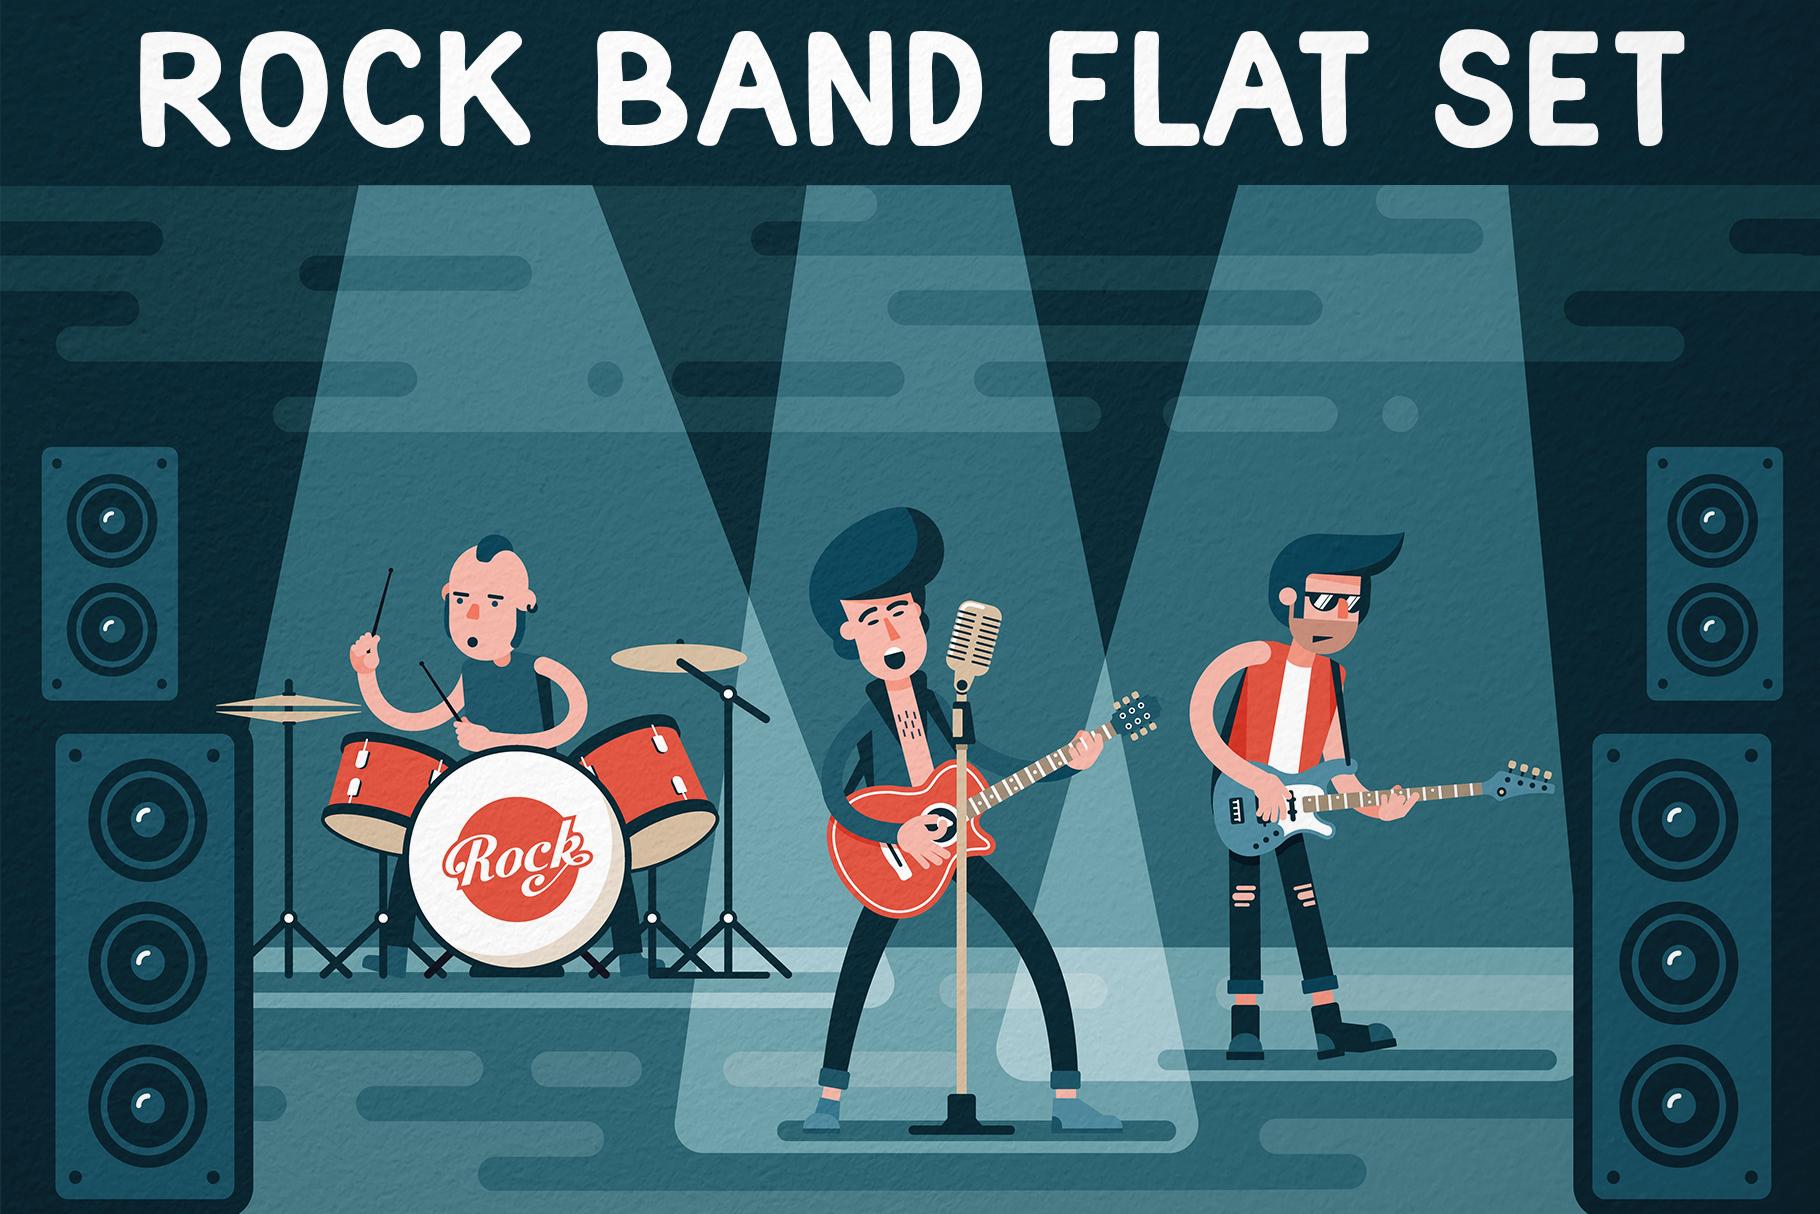 Rock Band Flat Set example image 1